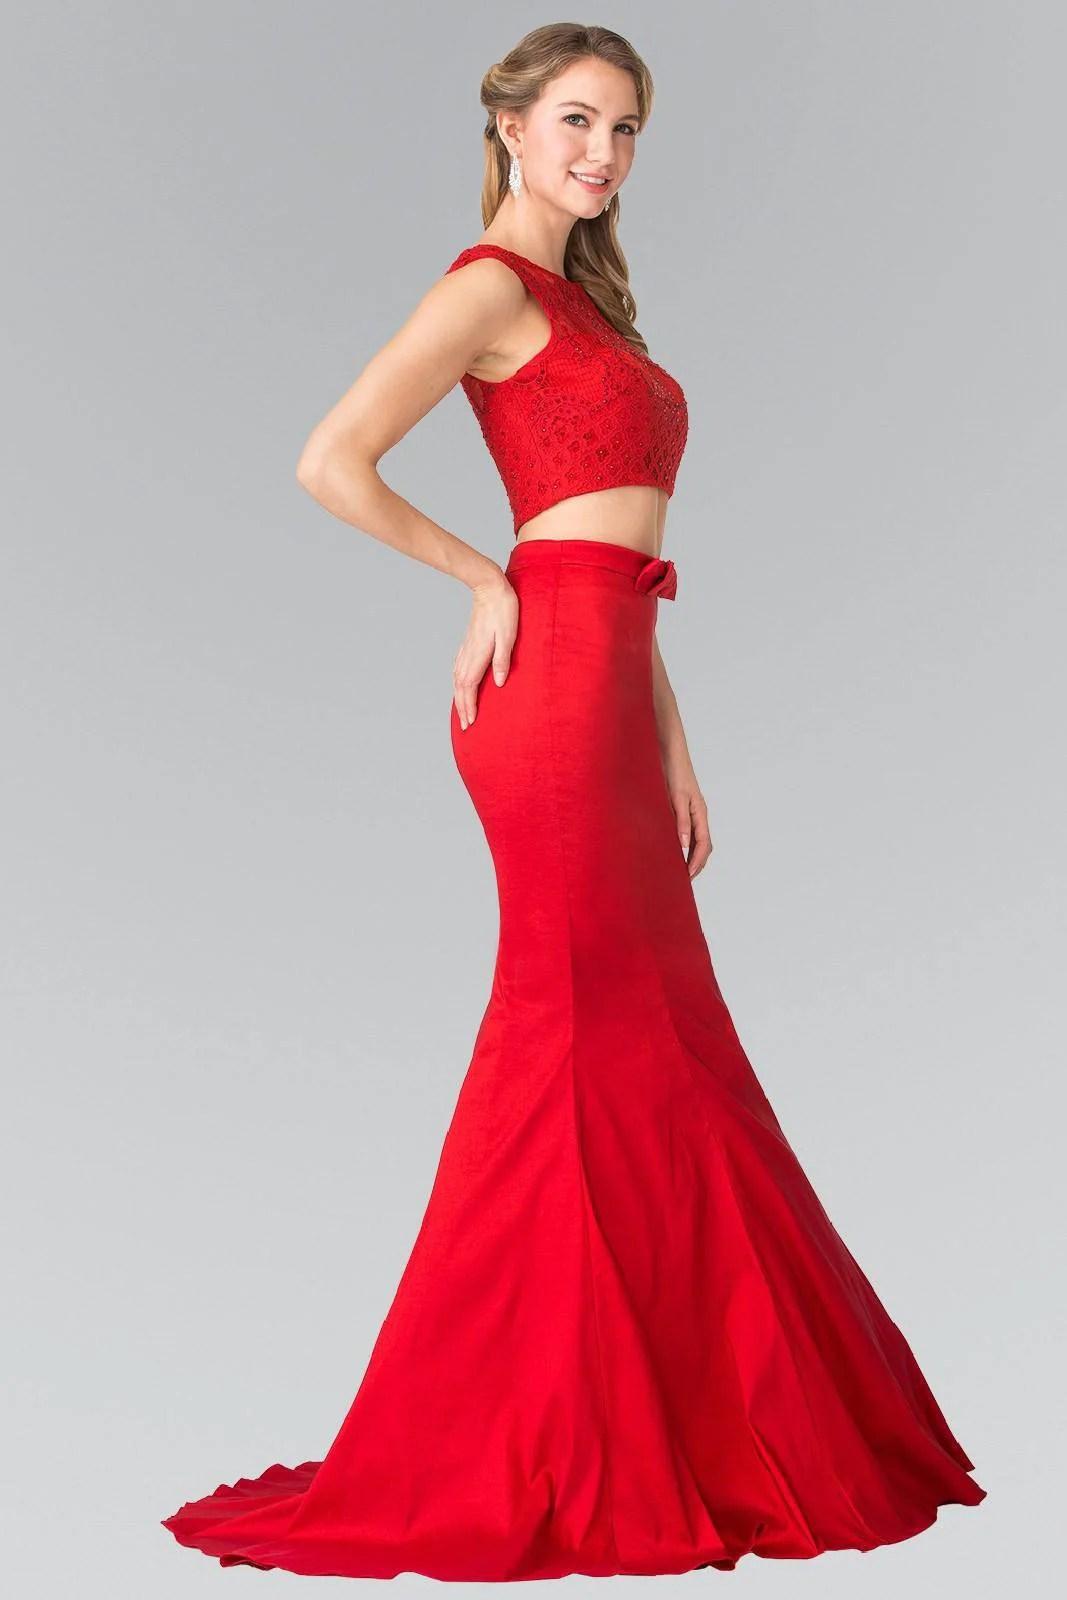 Fullsize Of Red Prom Dress